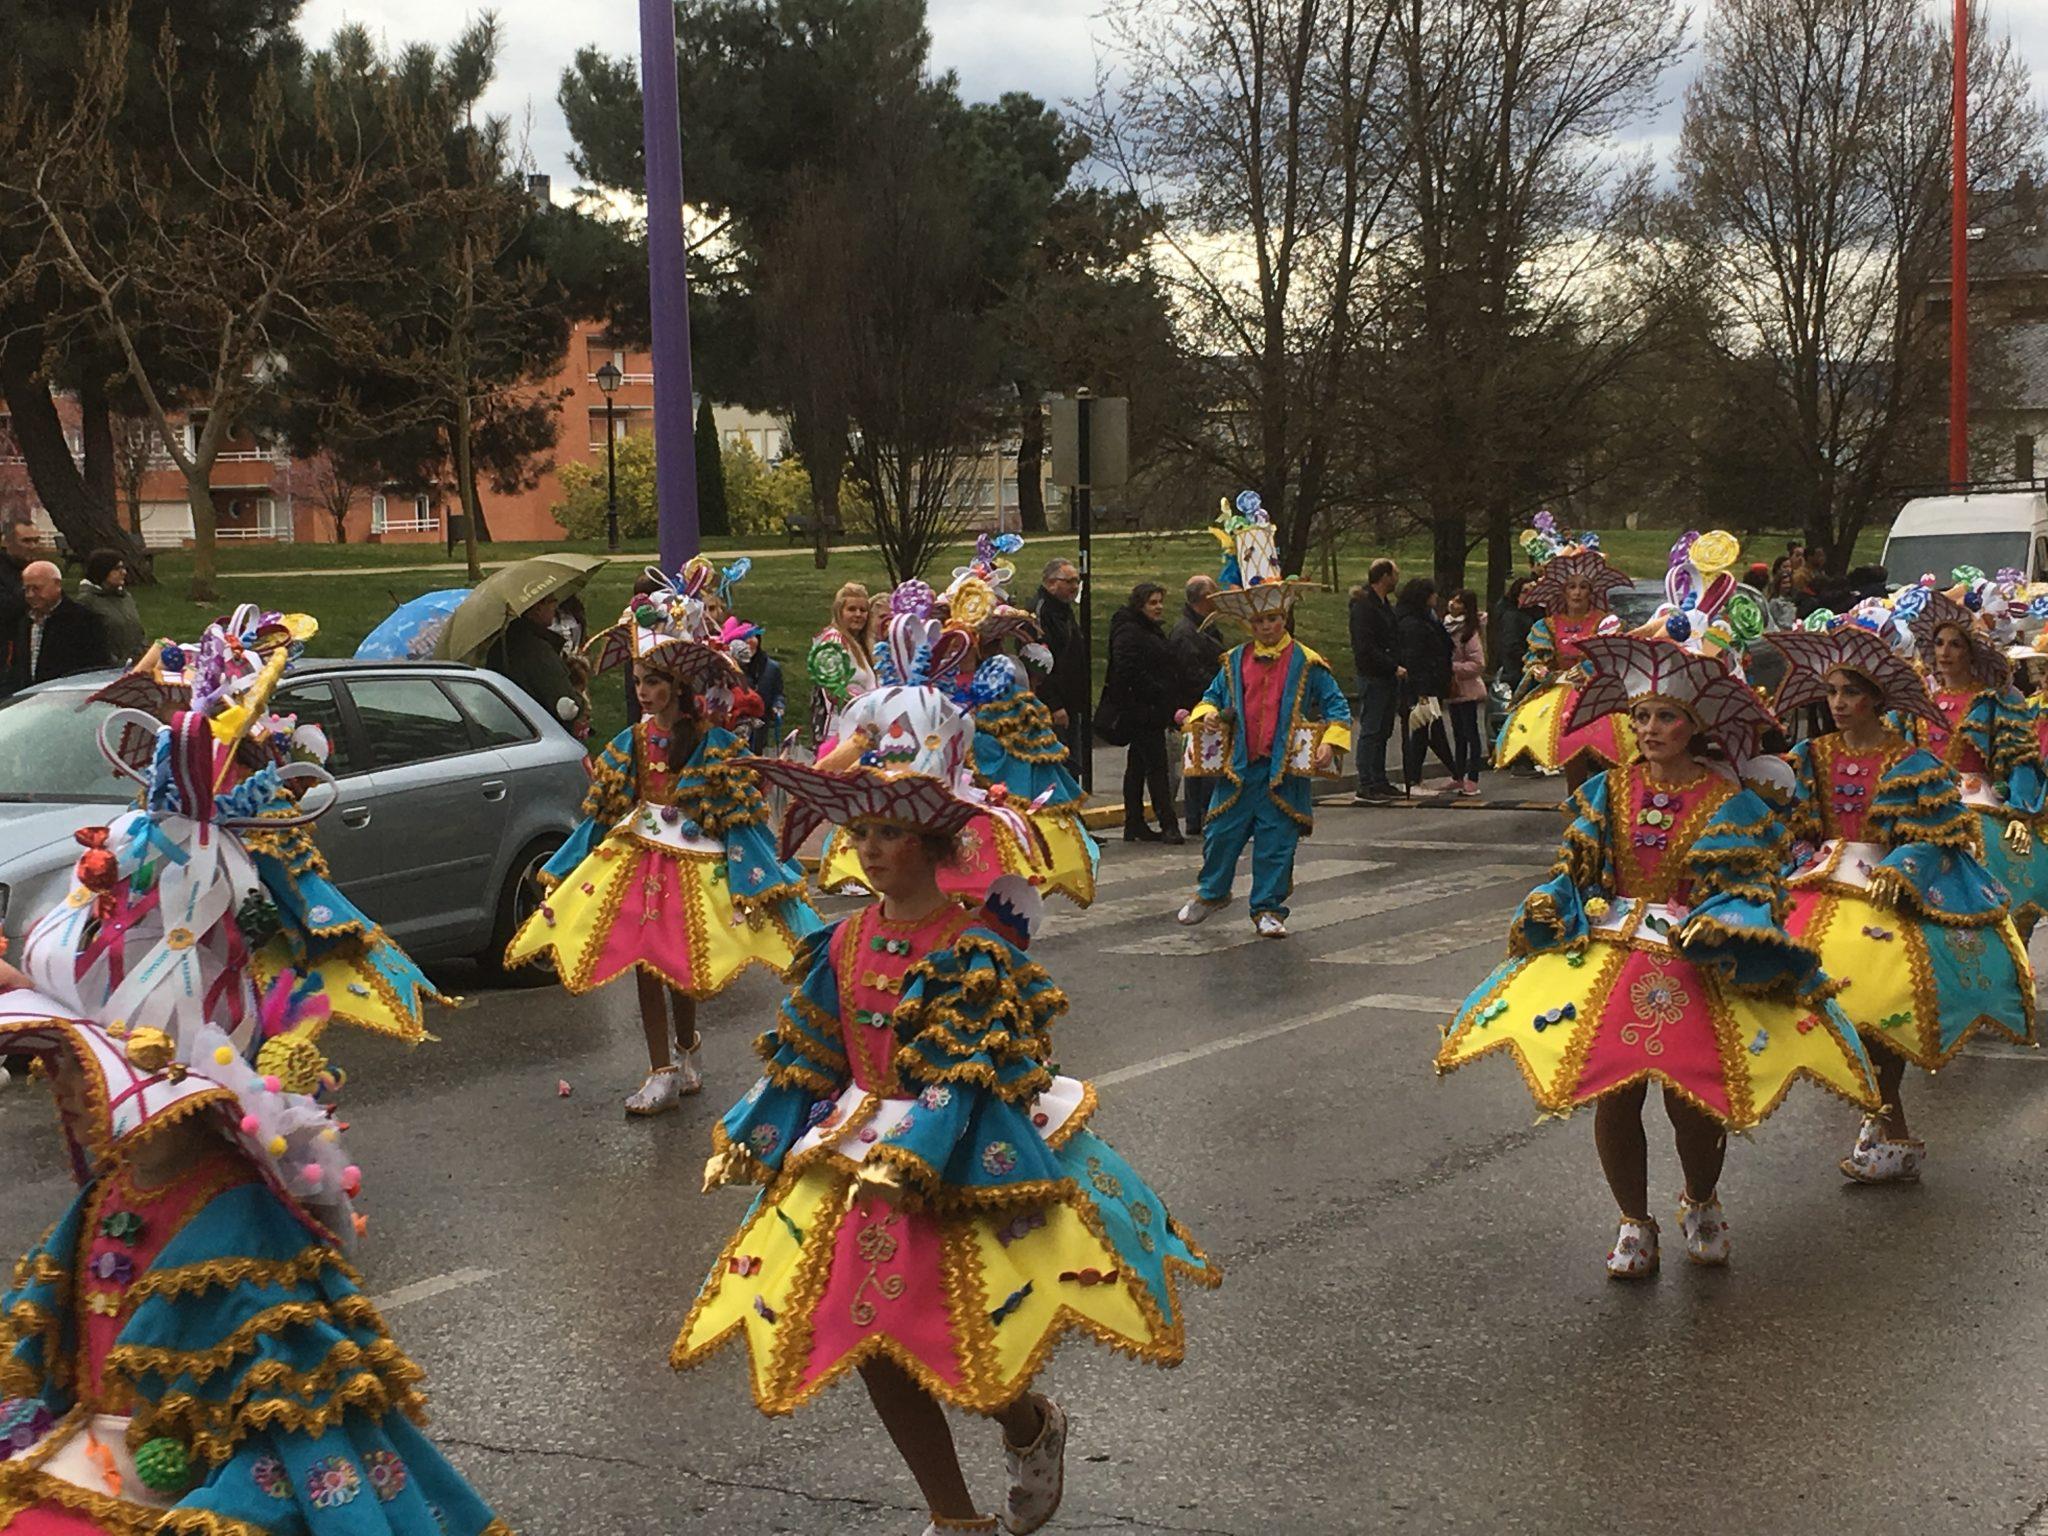 Álbum de fotos del martes de Carnaval 2019 en Ponferrada 55